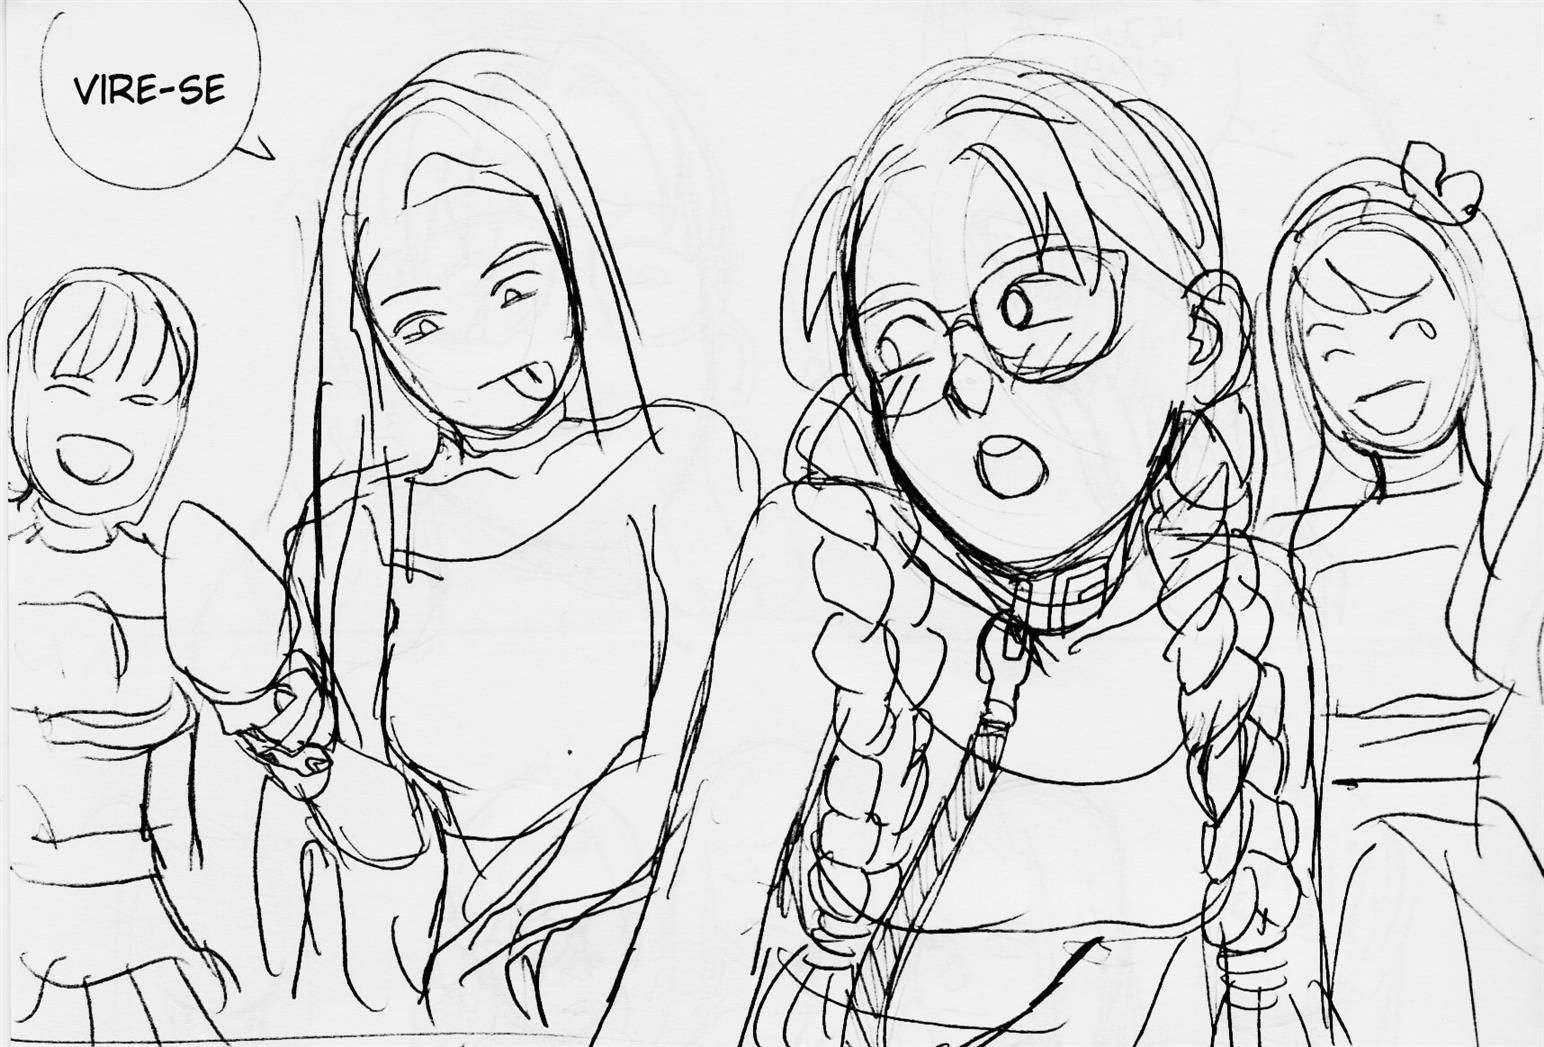 Uma nerd virgem que quer muito transar